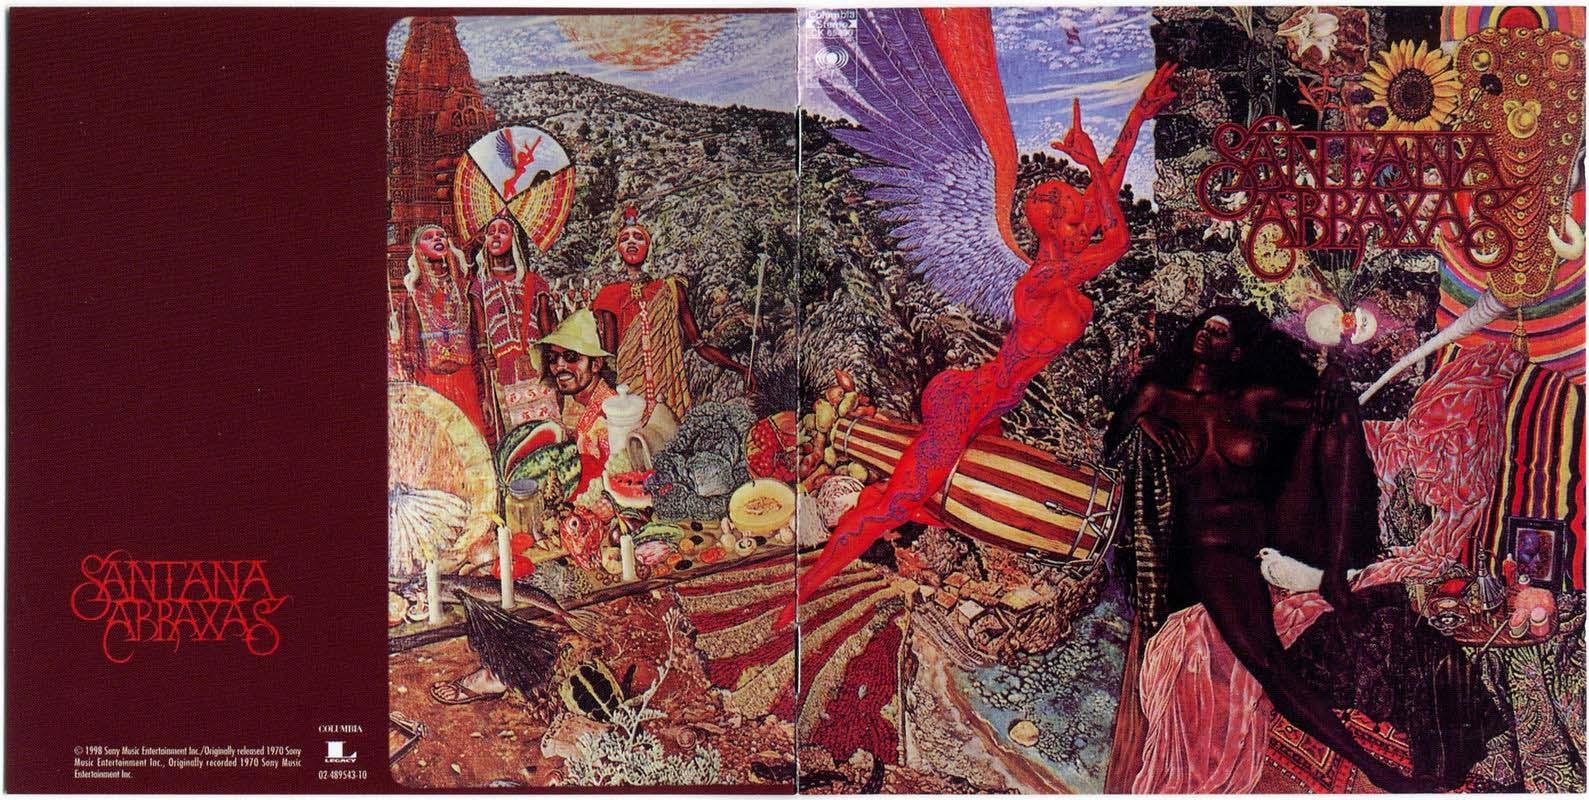 Santana - Abraxas (cover)